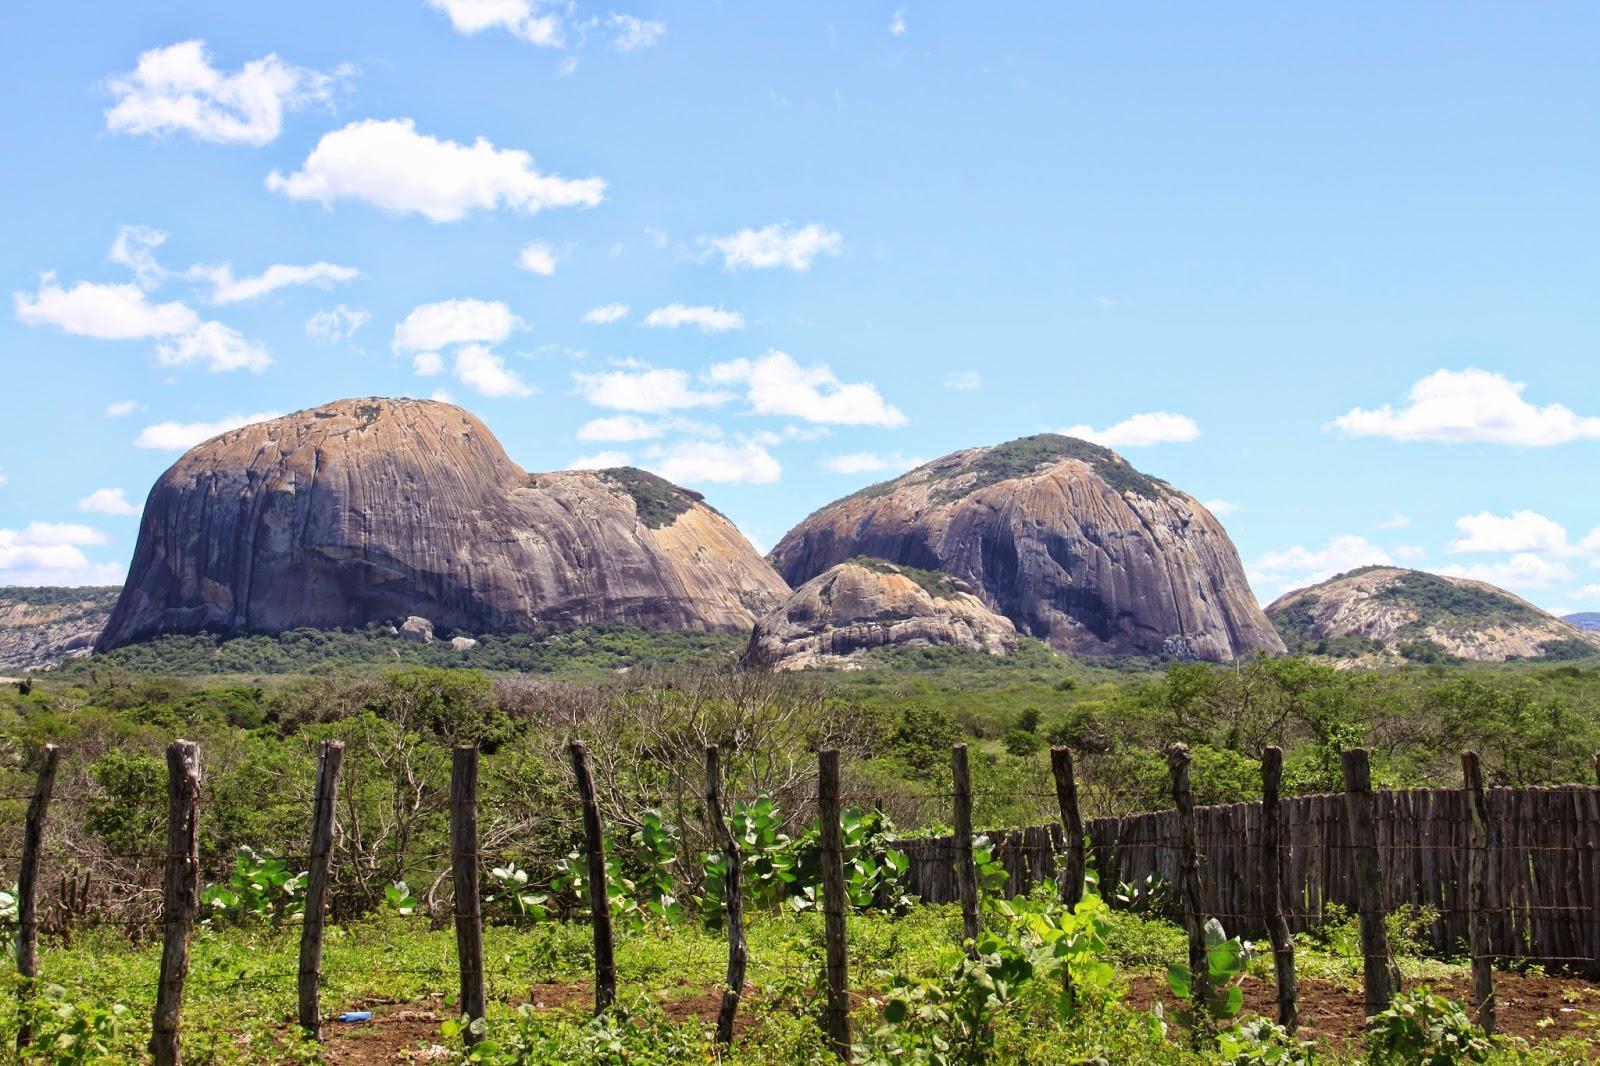 7c4b0c693 Outra formação curiosa nos arredores da cidade de Quixeramobim, que deve  ficar a uns 15 km de Quixadá, por esse motivo que o filme se chama de Área  Q, ...